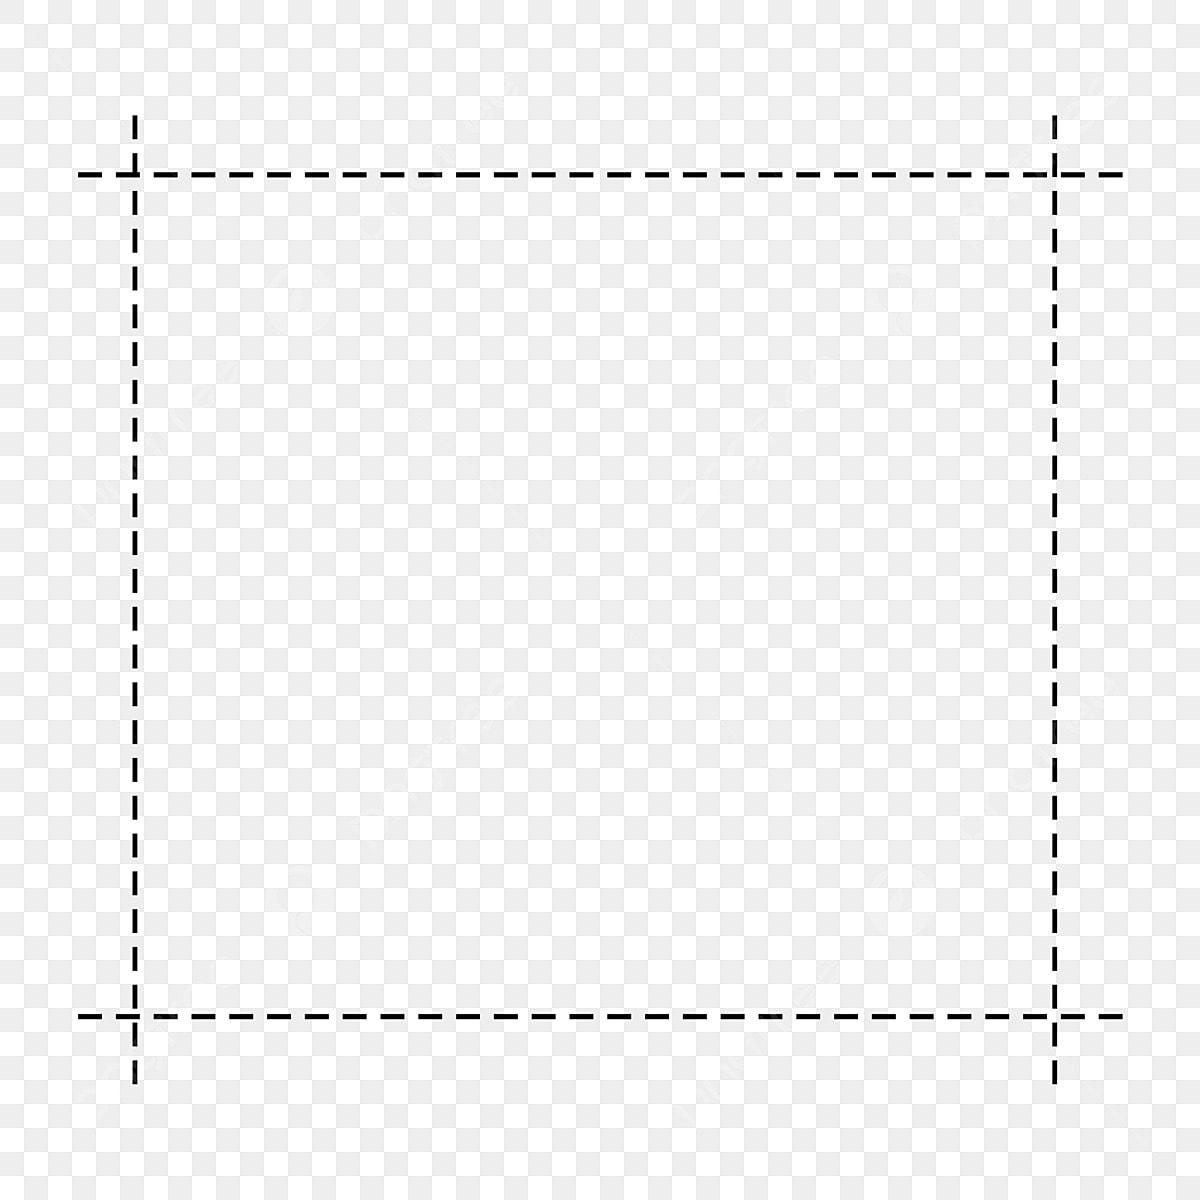 إطار الصورة مرسومة باليد صور مرسومة باليد إطار الصورة صور Clipart نمط الإطار صورة ظلية الإطار Png وملف Psd للتحميل مجانا